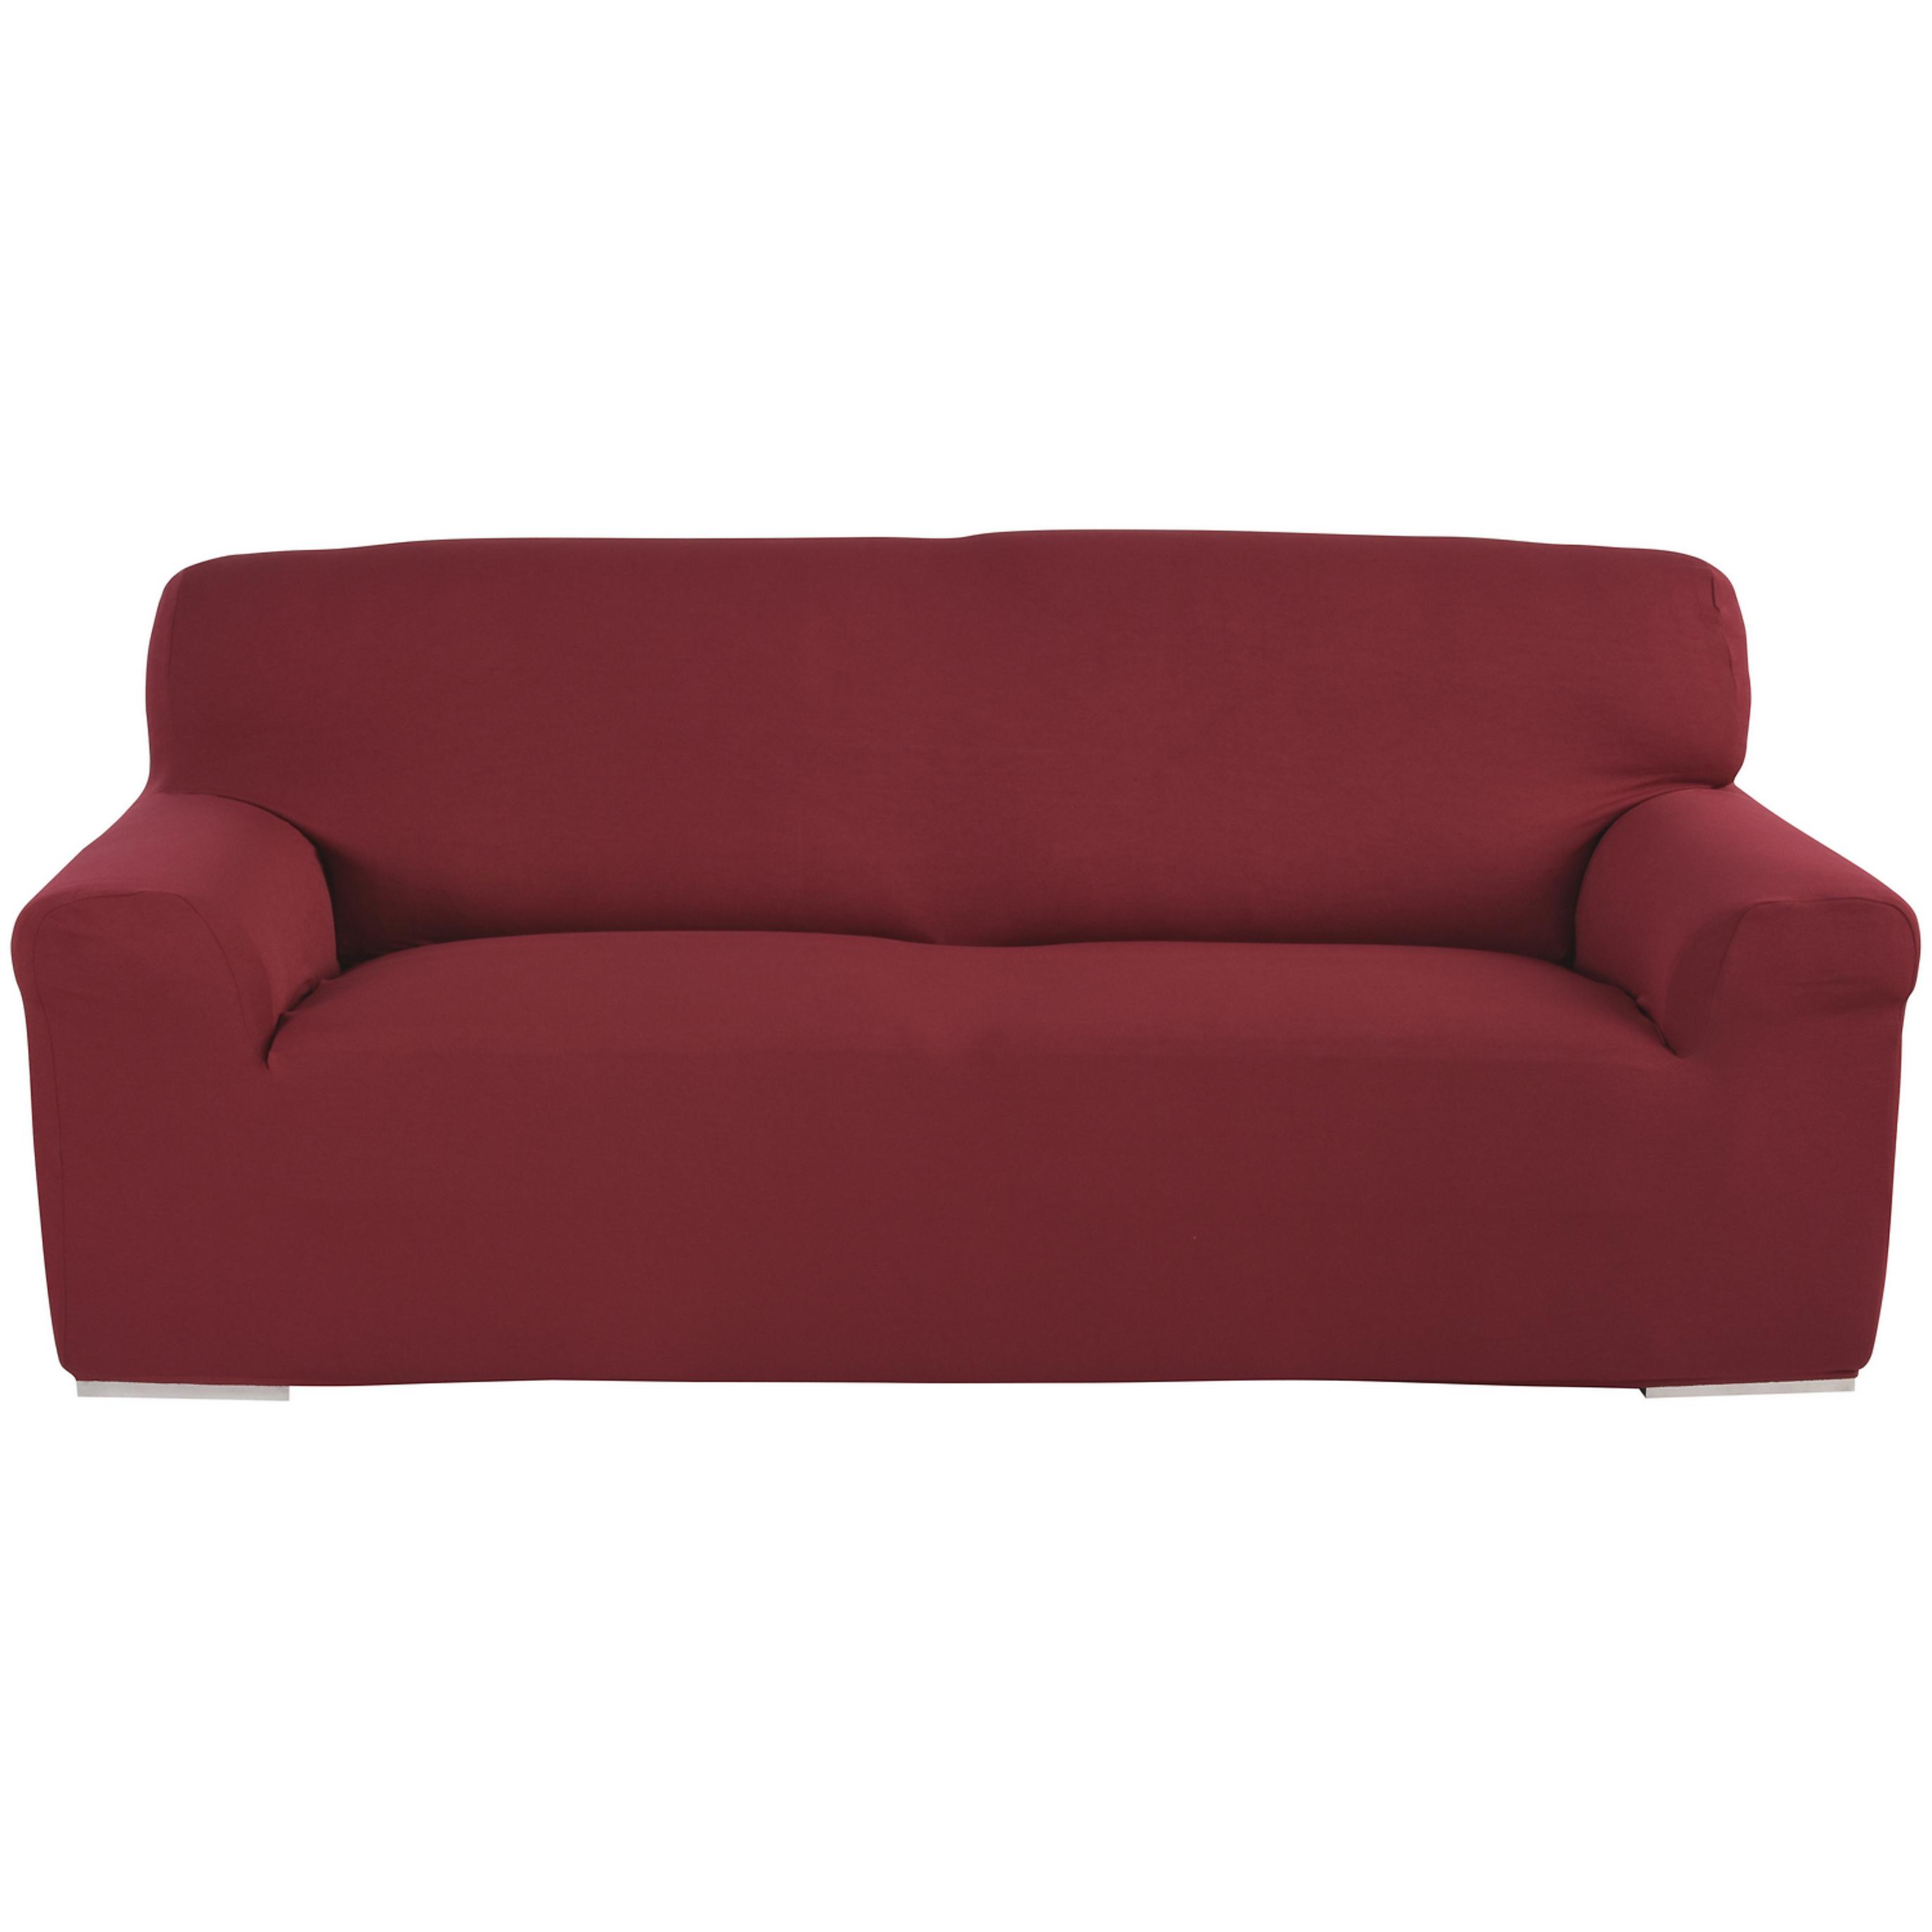 c7a0a2fa9fd Funda sofá 3 cuerpos - Sodimac.com